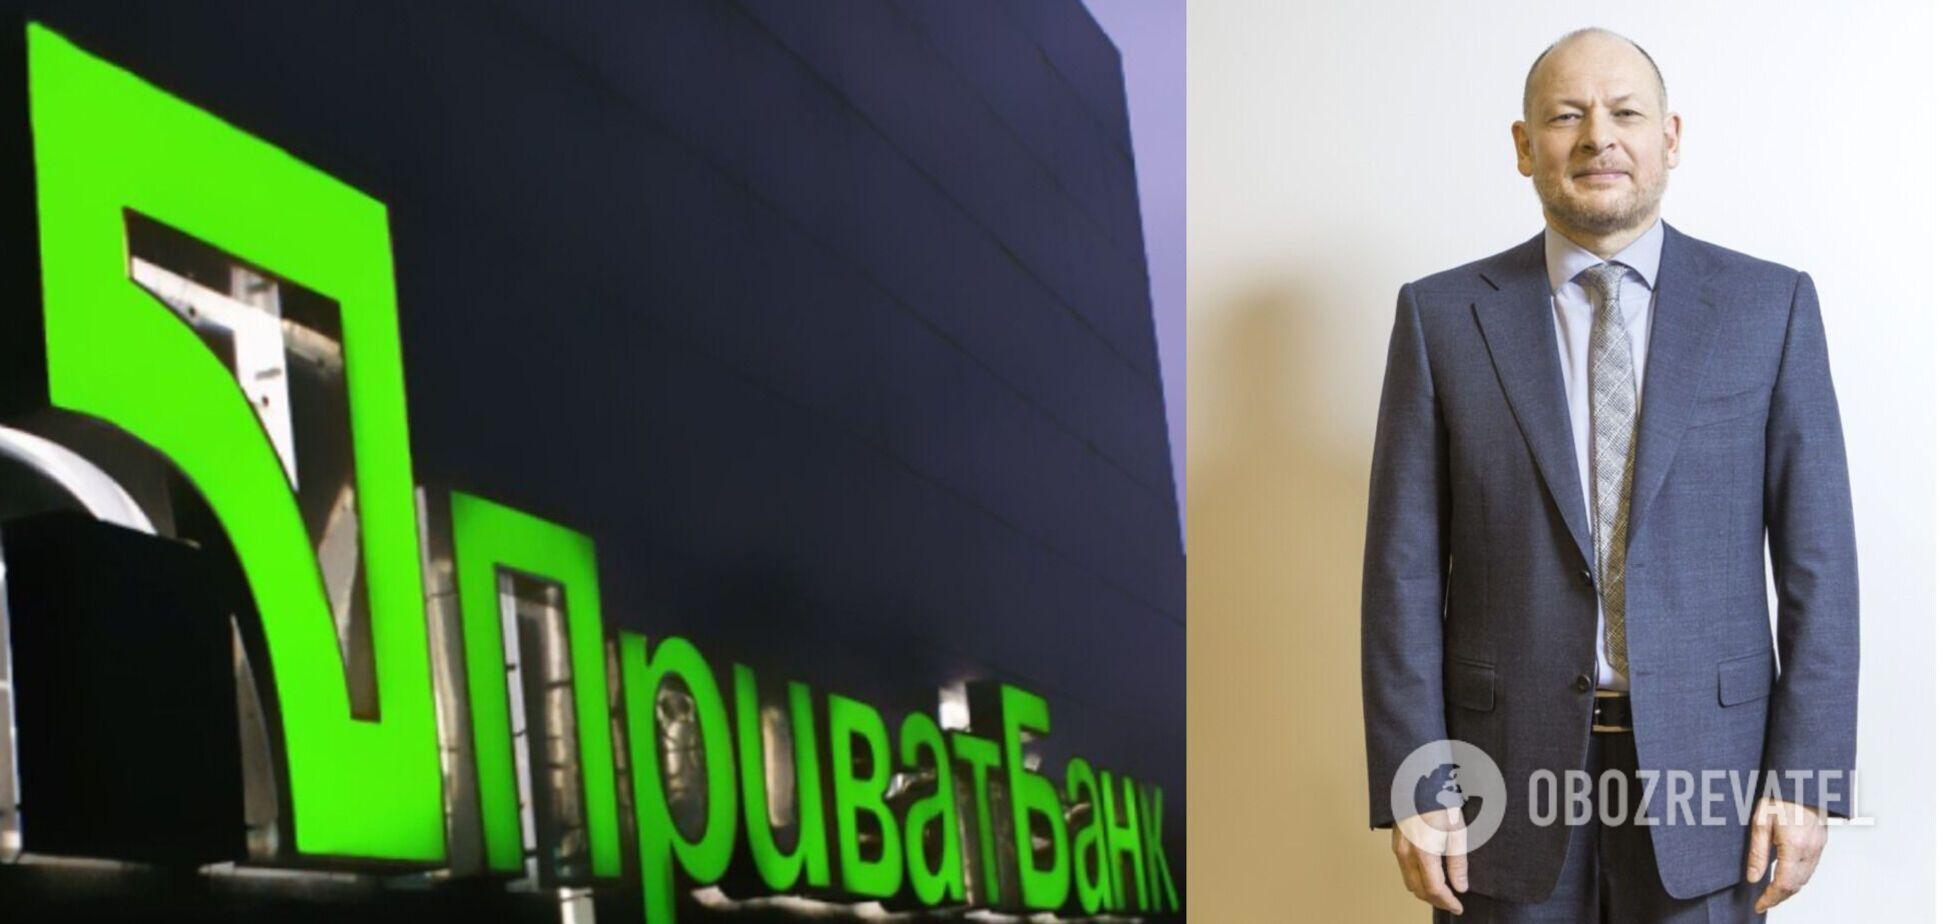 Экс-глава ПриватБанка подал в суд на МВД: требует удалить данные по розыску